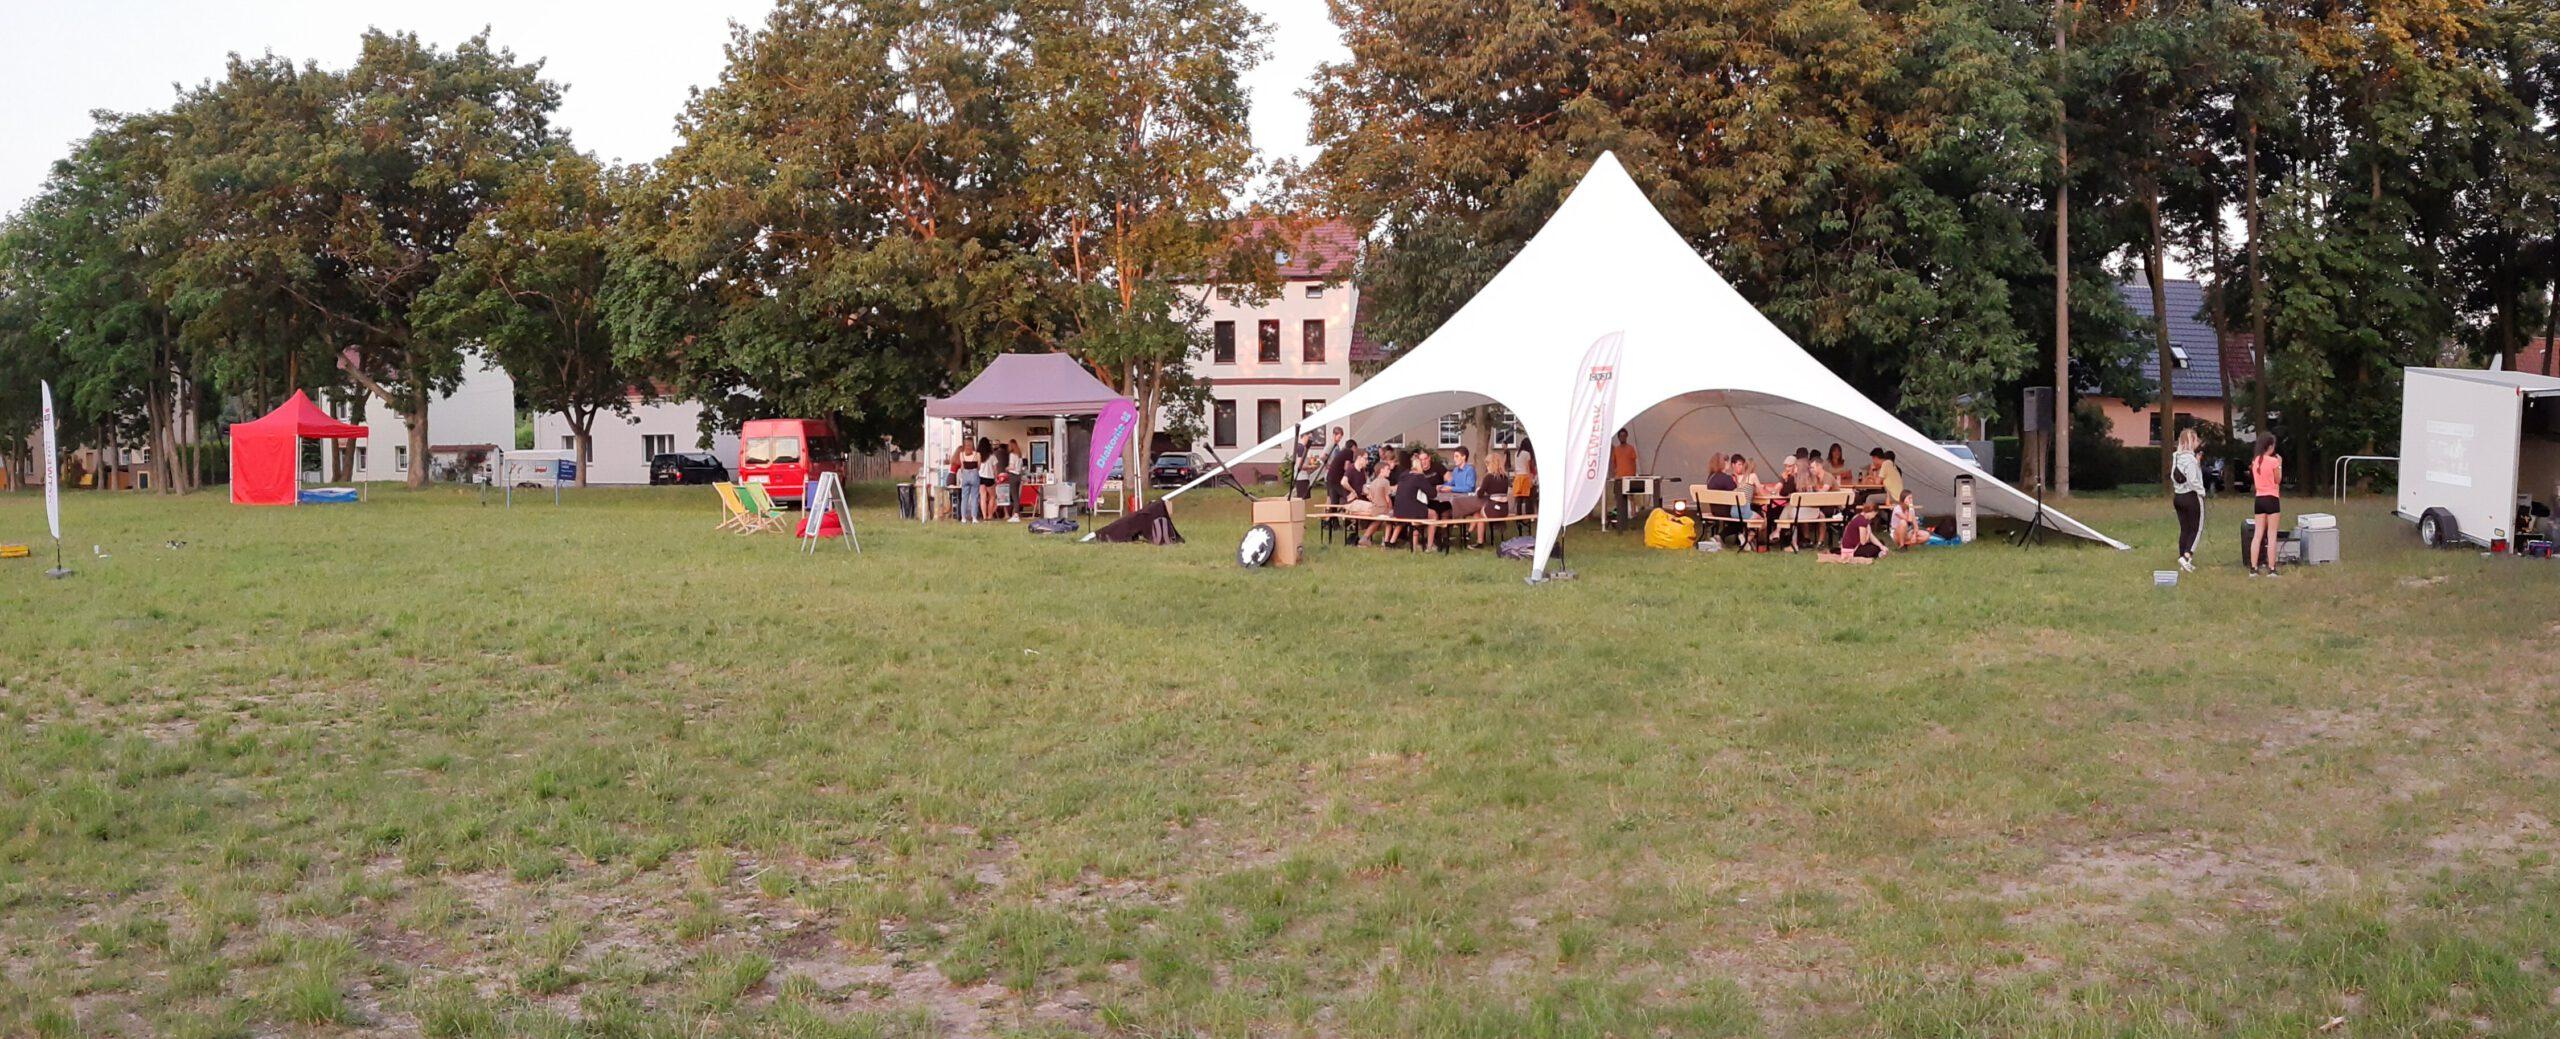 Summer in the City Bad Belzig 2020